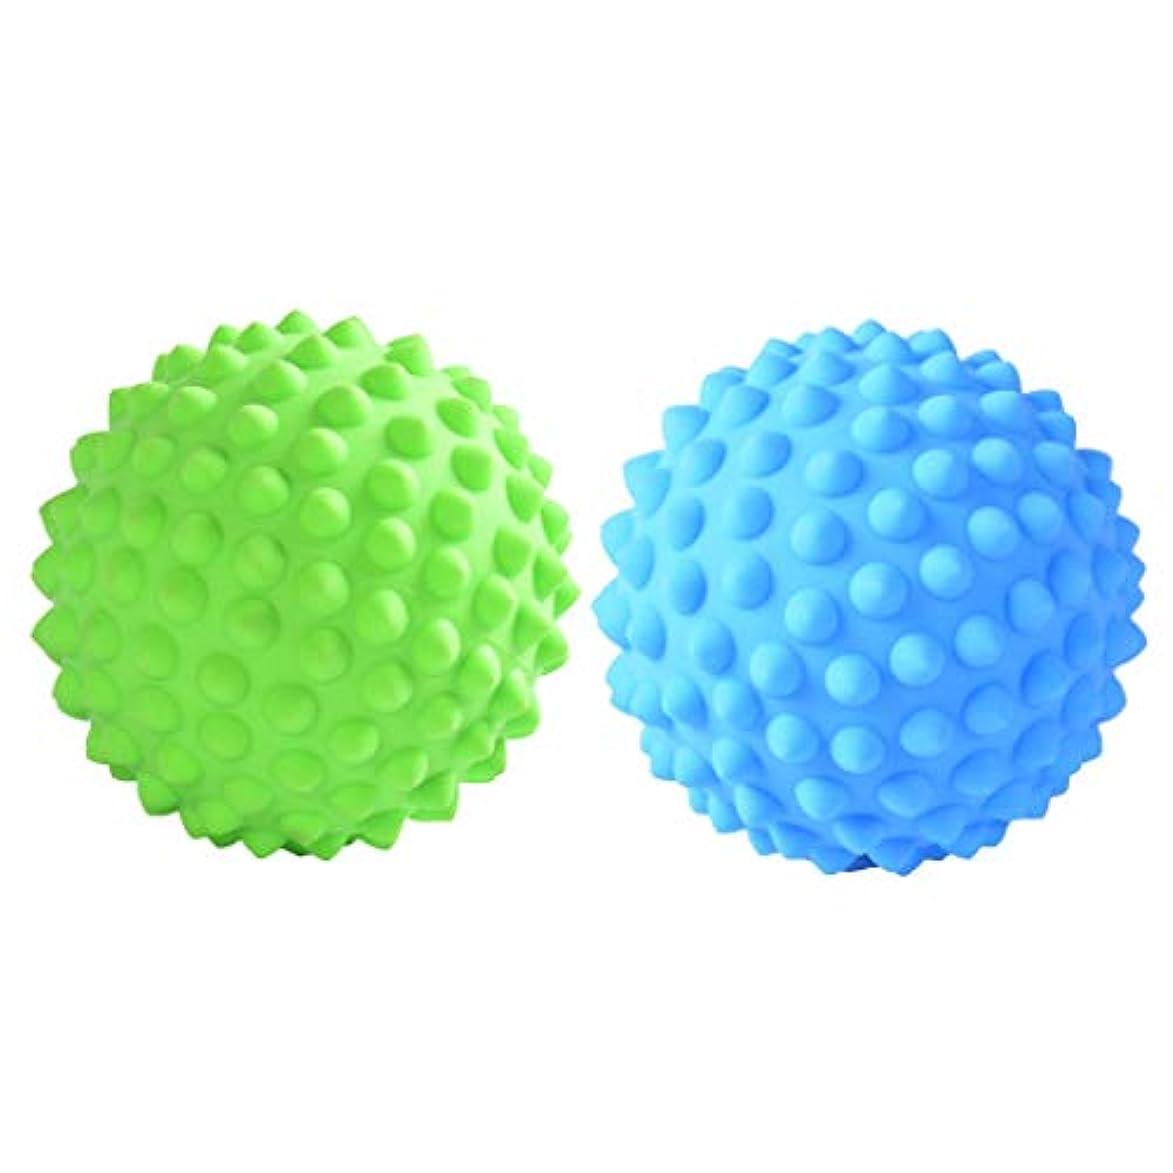 症候群アラスカ倫理的chiwanji マッサージローラーボール 指圧ボール トリガーポイント 疲れ解消ボール ヨガ 疲労軽減 2個入